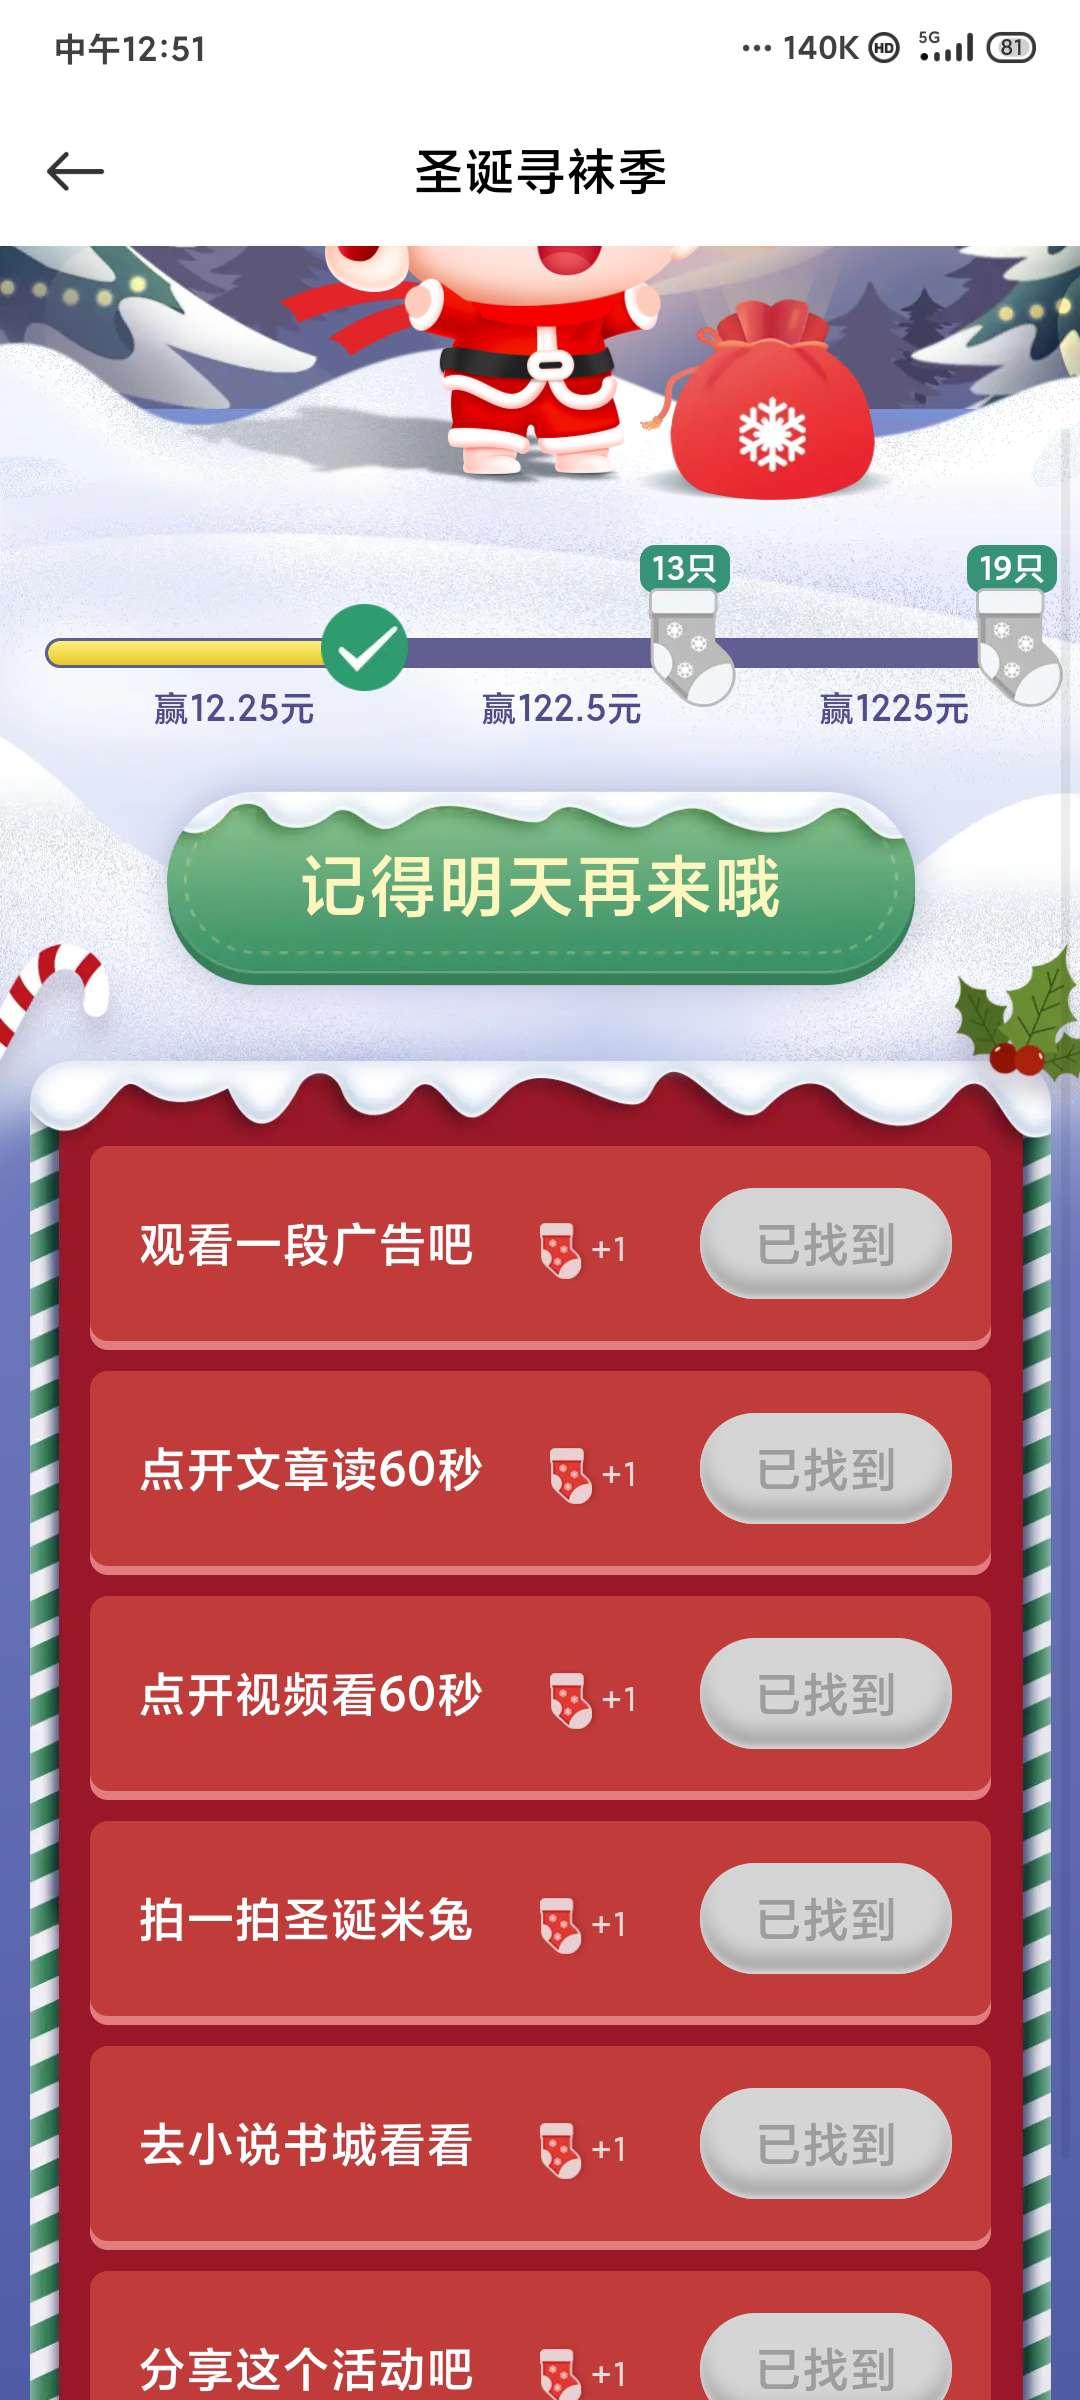 图片[4]-小米浏览器app圣诞寻袜季领红包-老友薅羊毛活动线报网